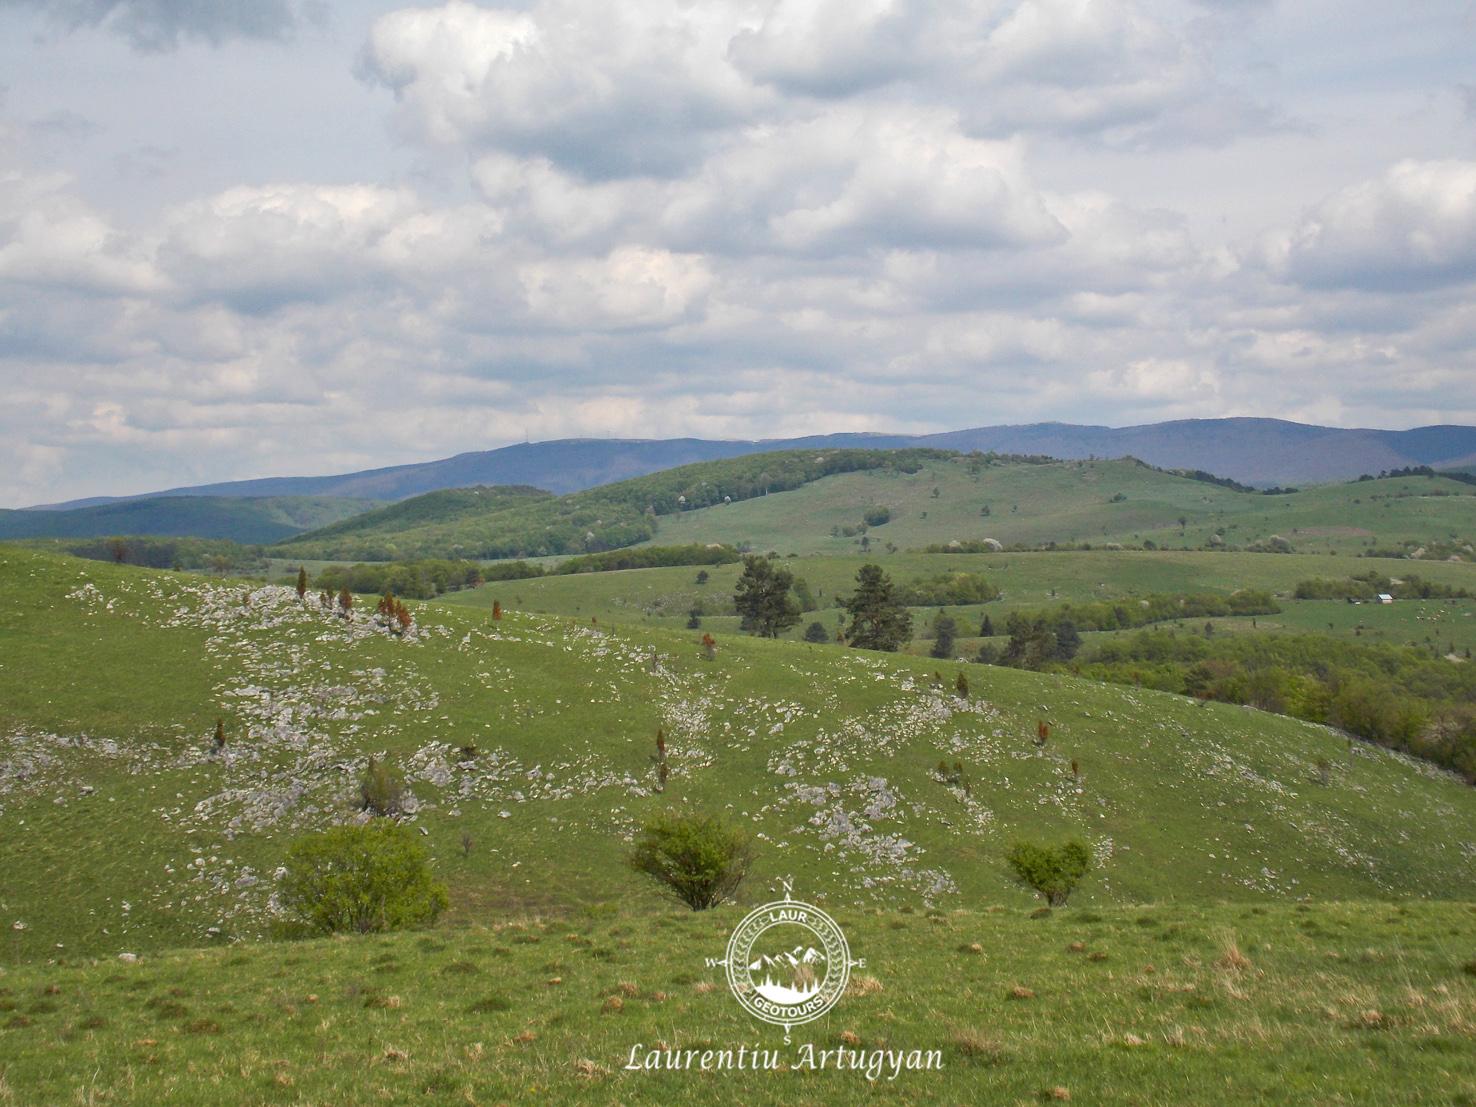 Camp de lapiezuri Podisul carstic Marghitas